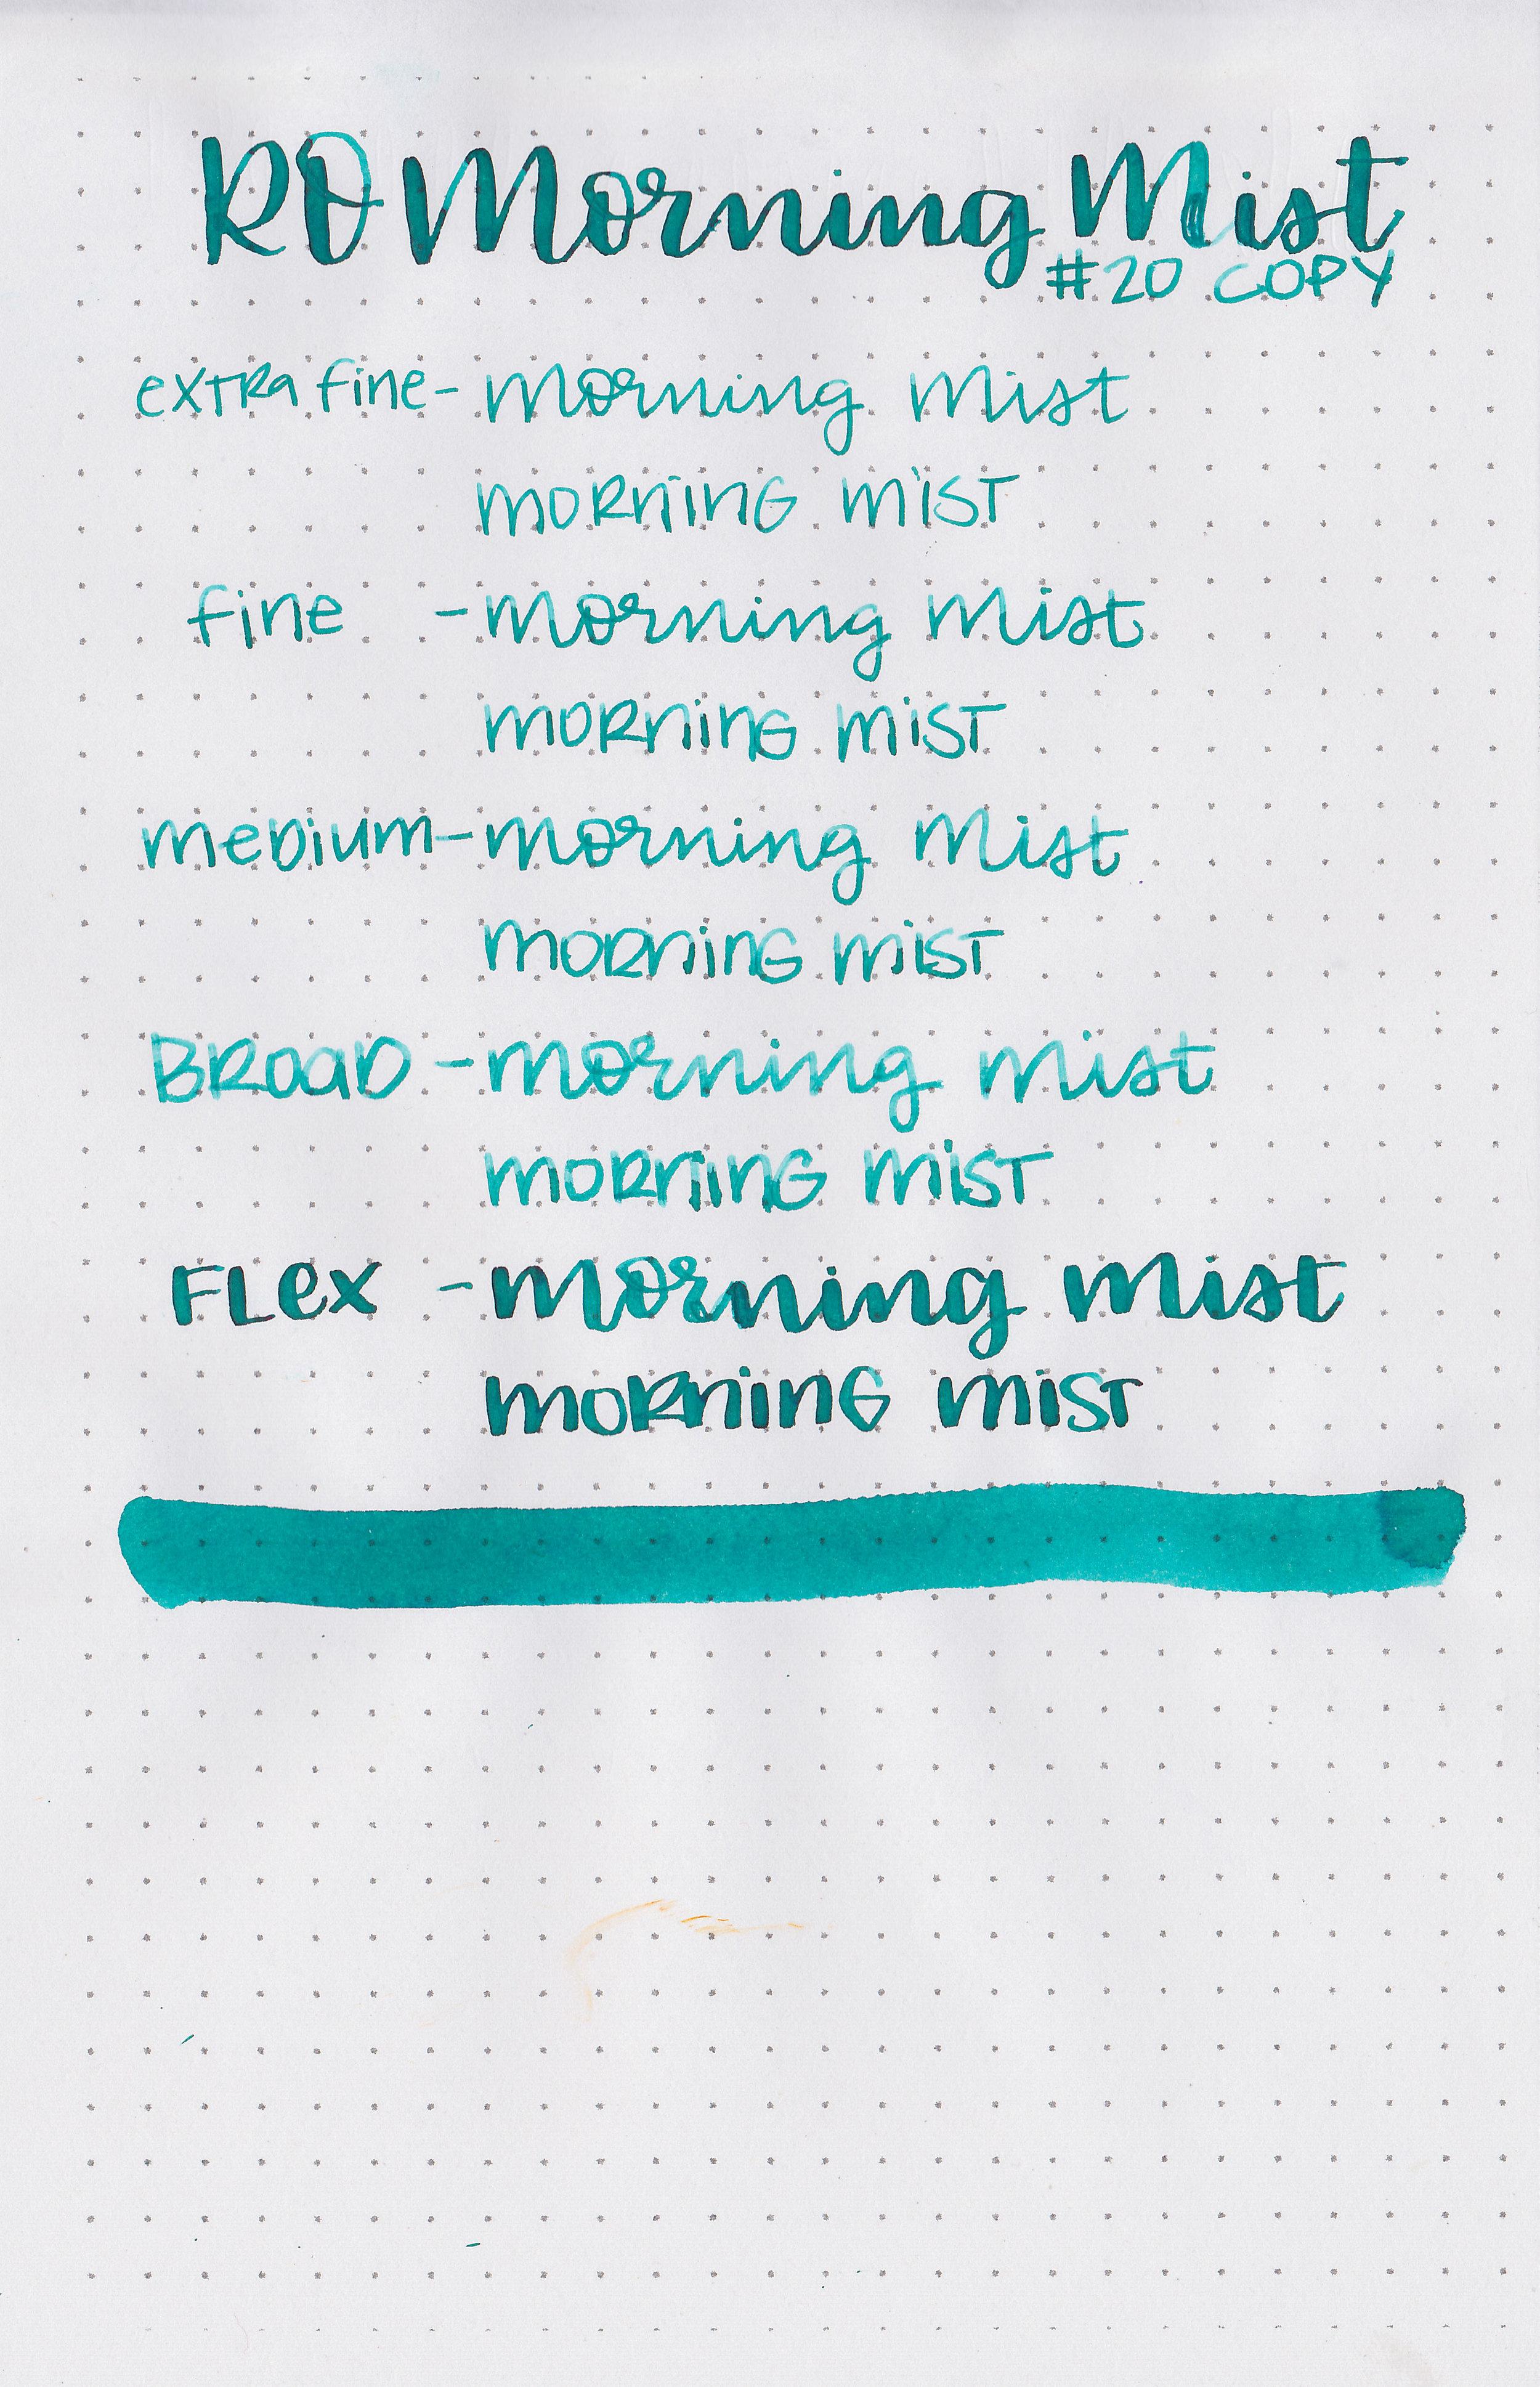 ro-morning-mist-13.jpg